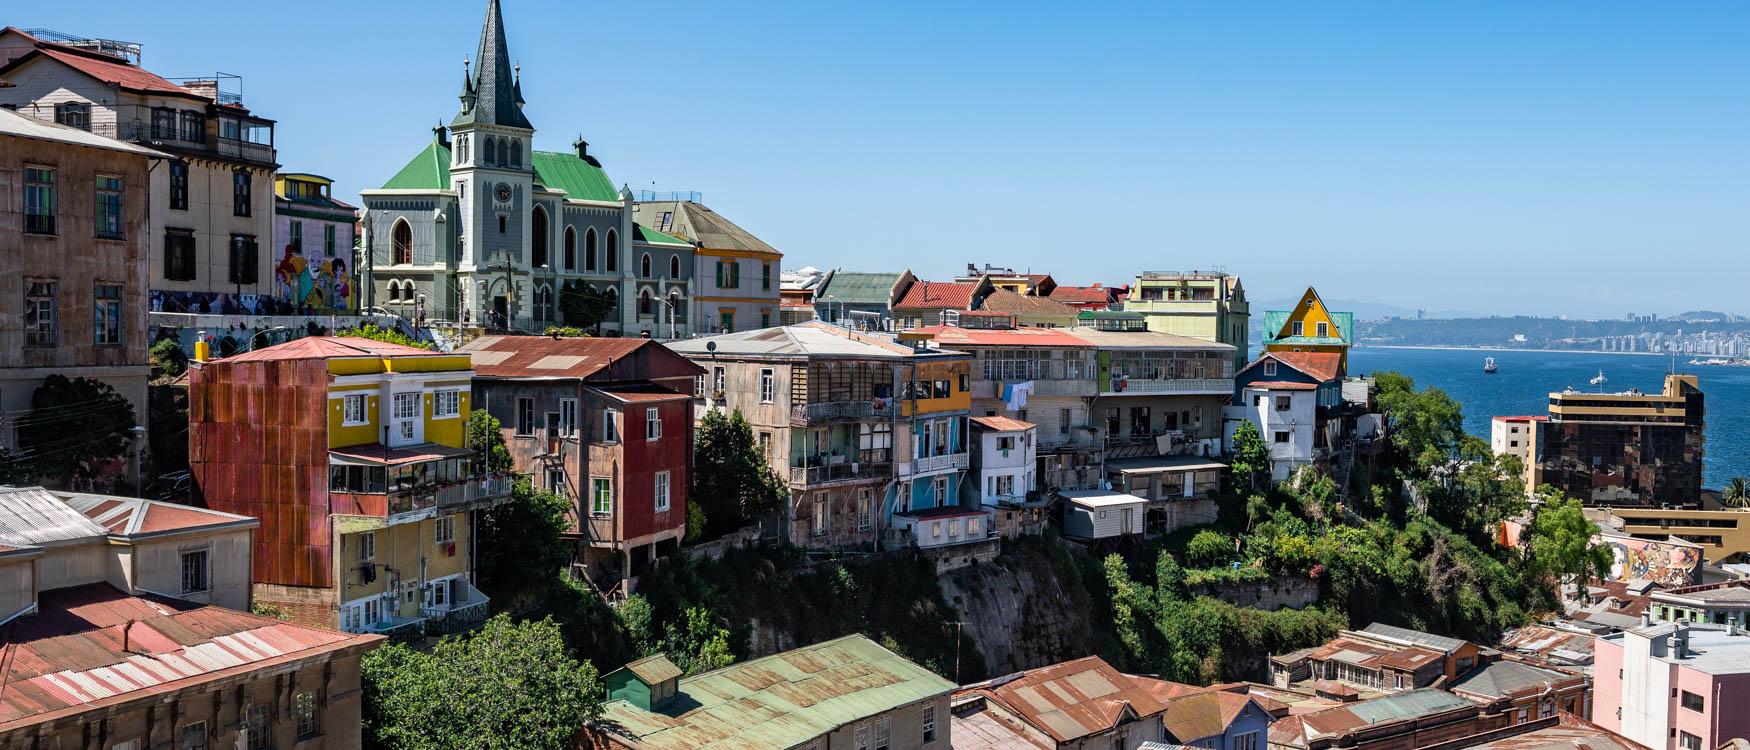 Valparaiso Sehenswürdigkeiten & Tipps: 3 Tage in der bunten Hafenstadt Chiles